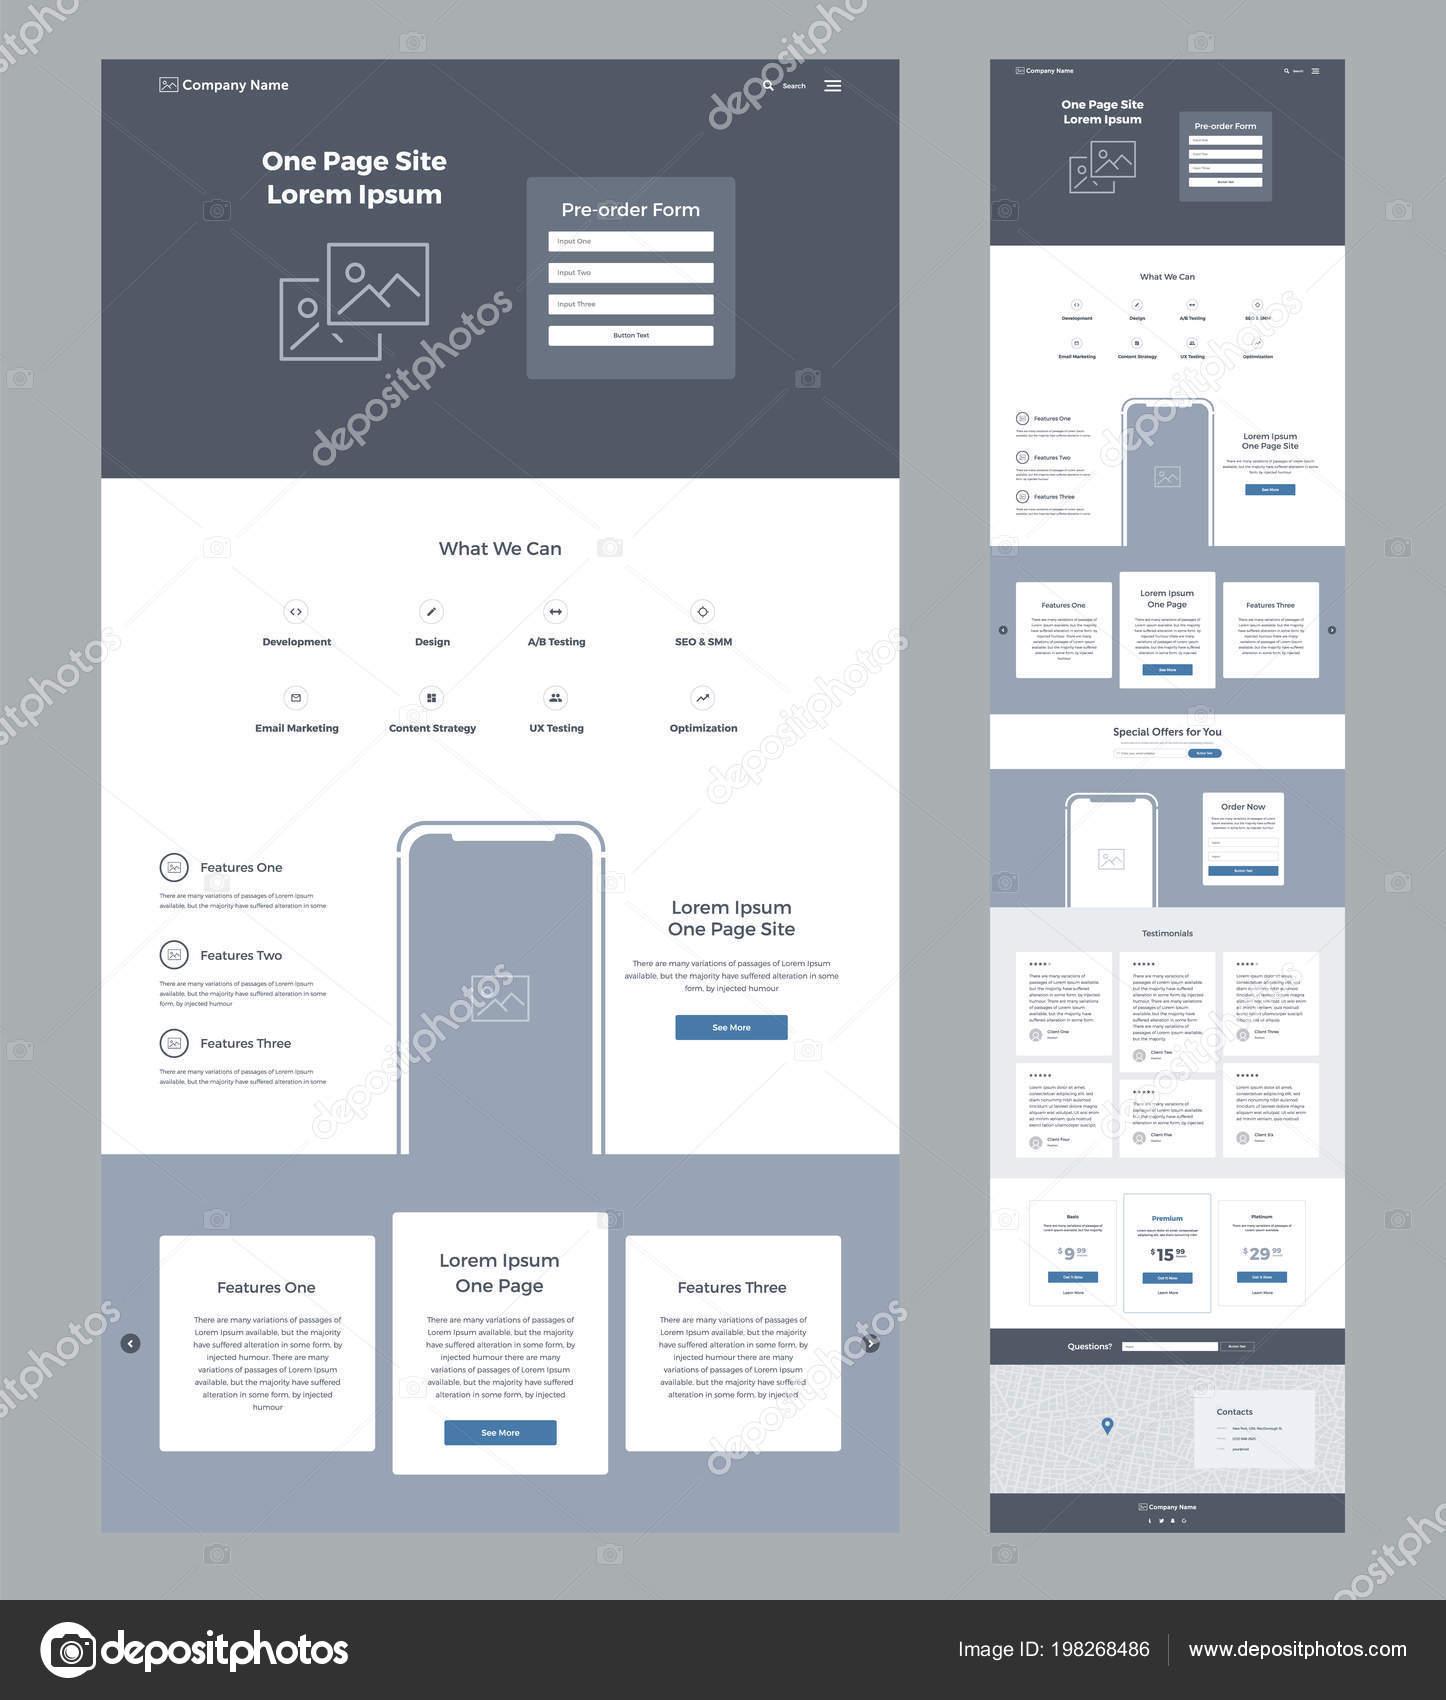 Eine Seite Website Design Vorlage Für Unternehmen Landung Seite